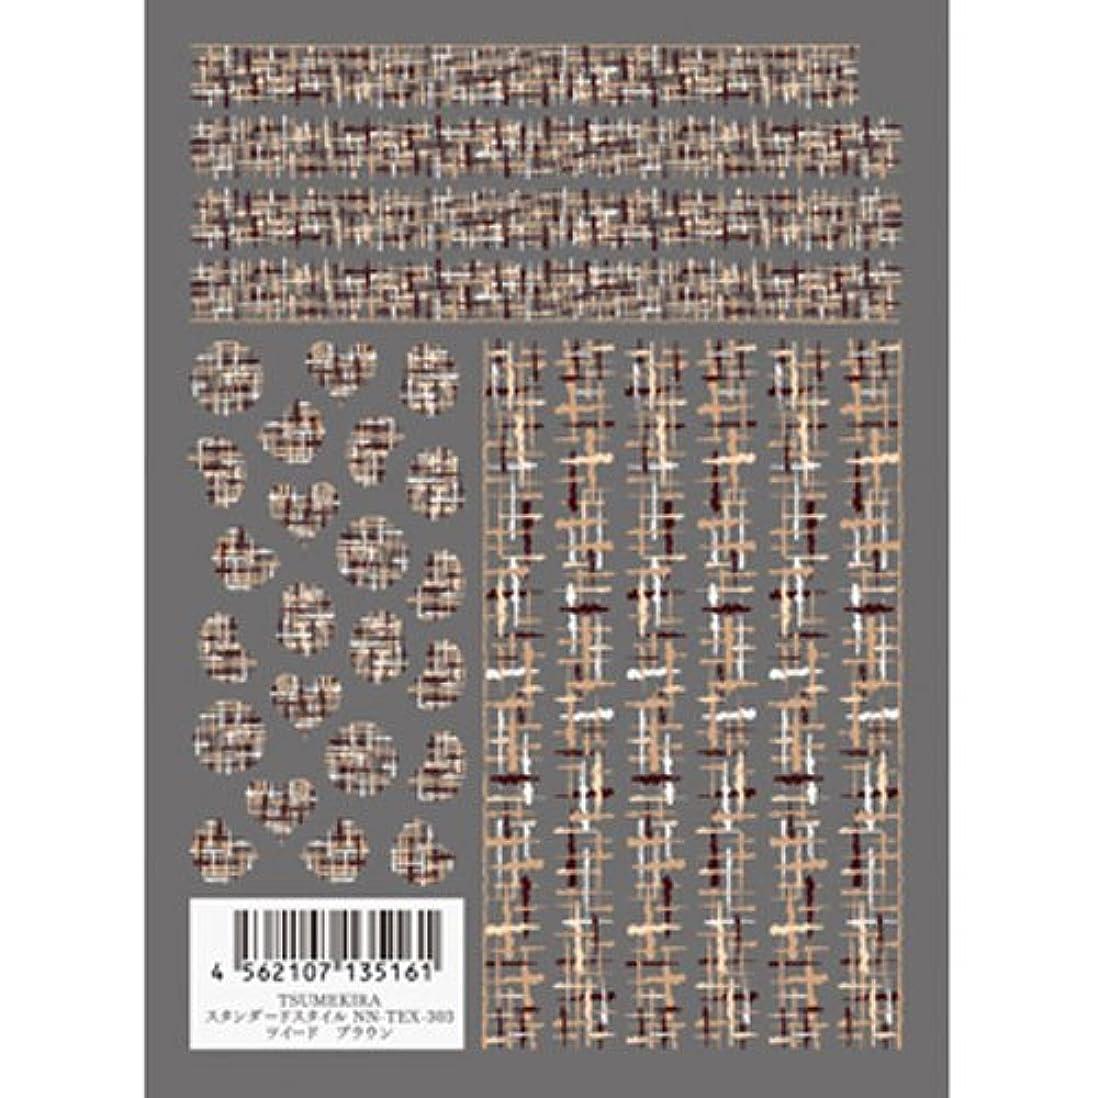 各先に薄汚いTSUMEKIRA(ツメキラ) ネイルシール ツイード ブラウン NN-TEX-303 1枚